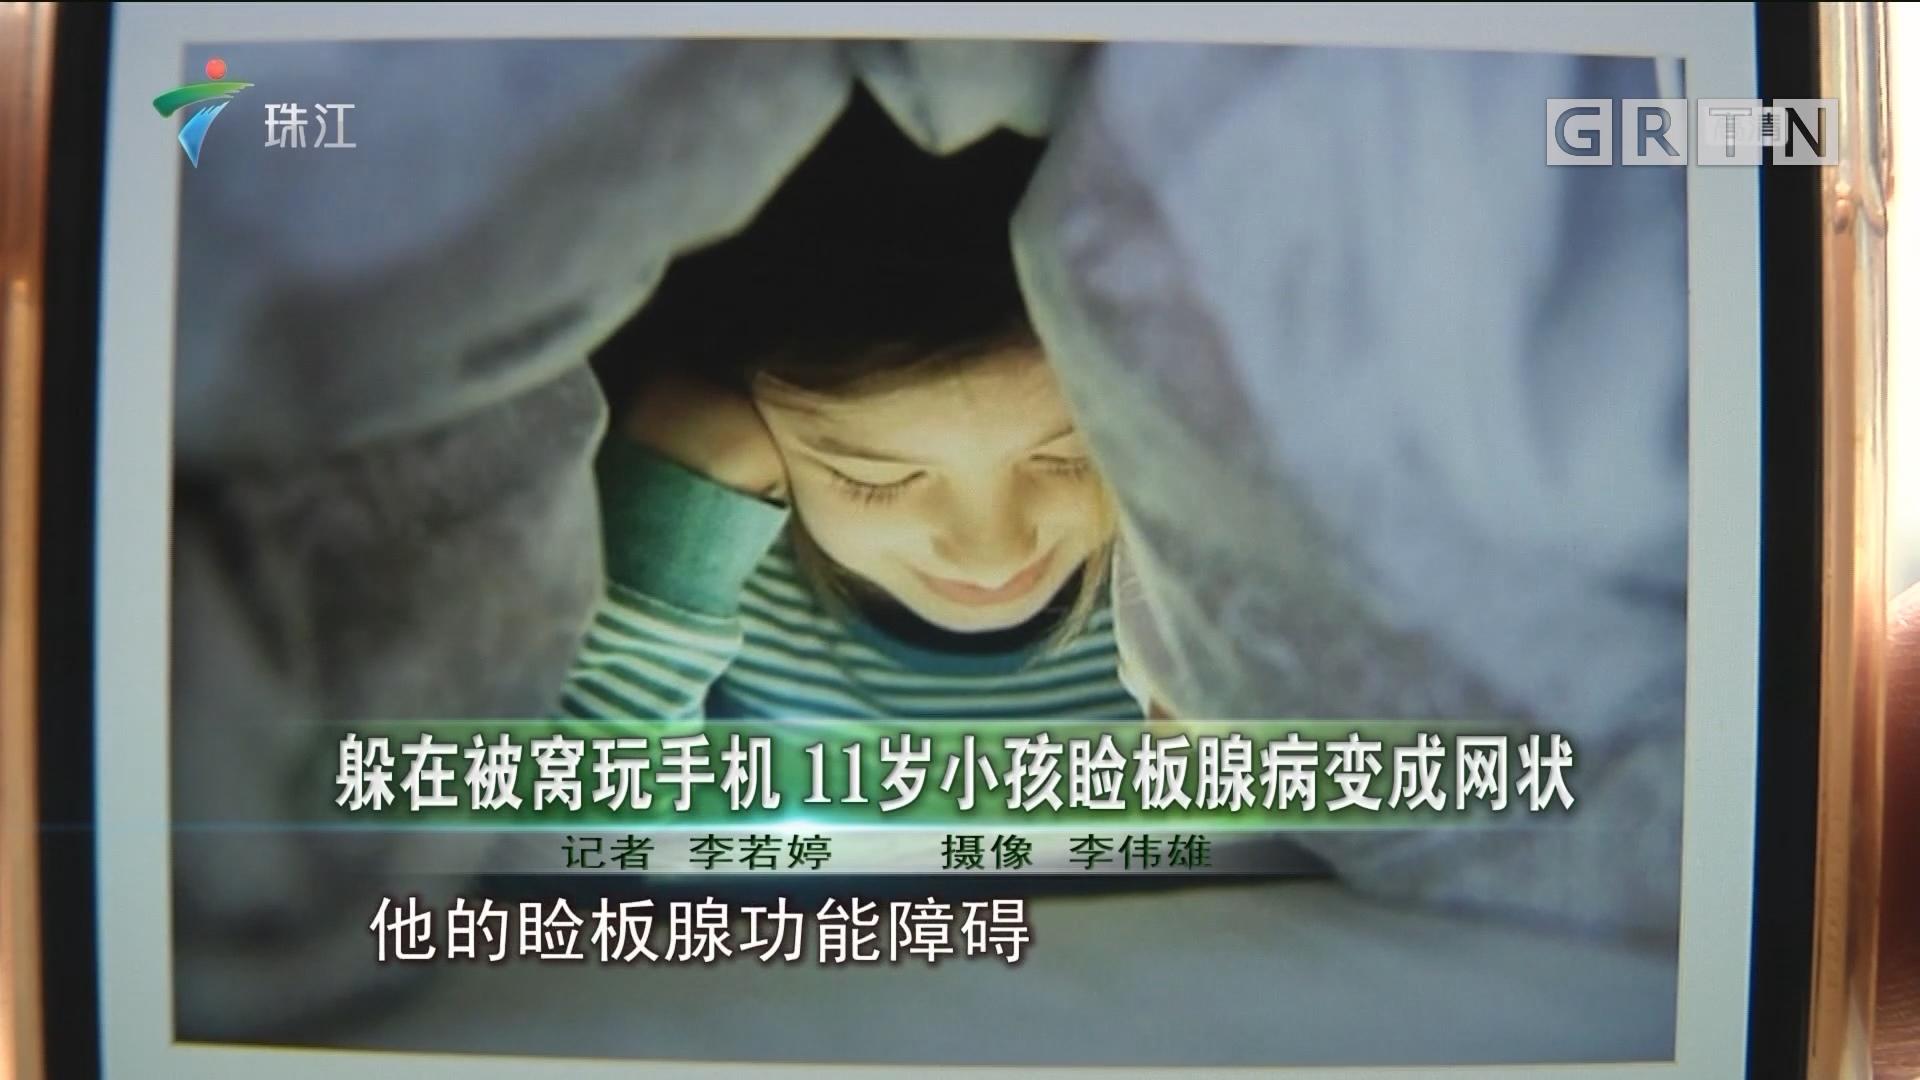 躲在被窝玩手机 11岁小孩脸板腺病变成网状